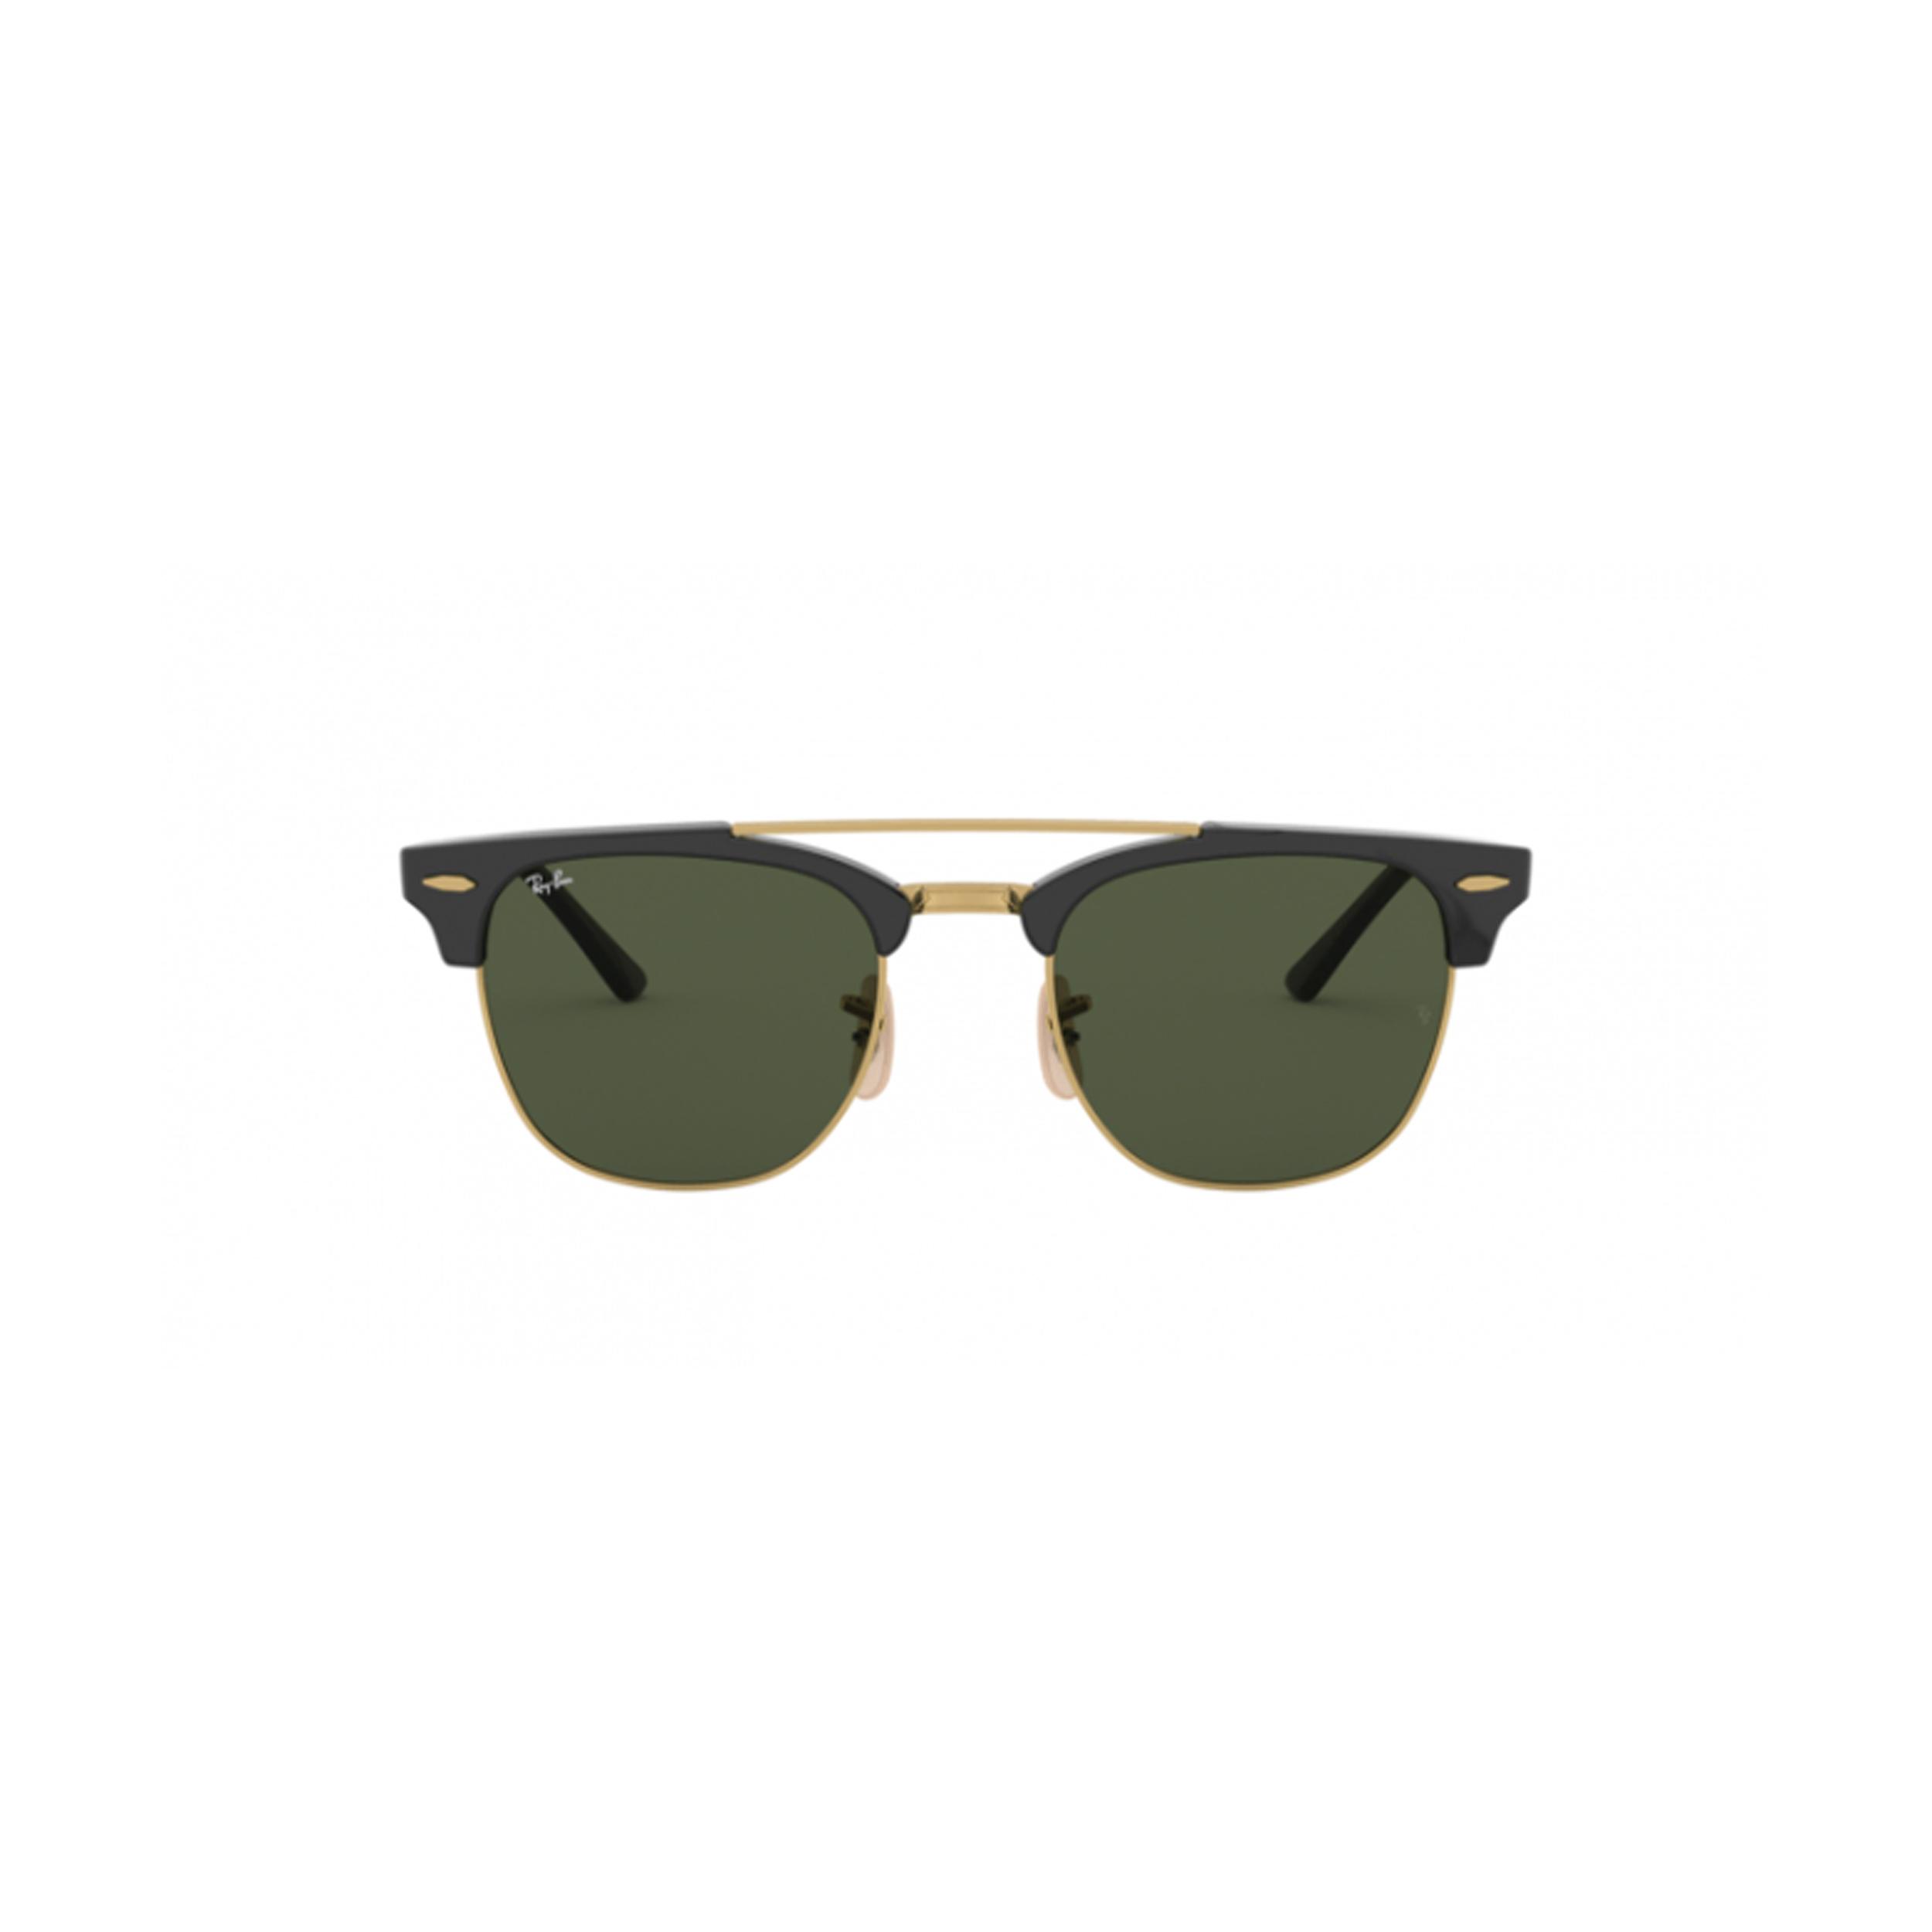 عینک آفتابی مردانه ری بن مدل 3816-901